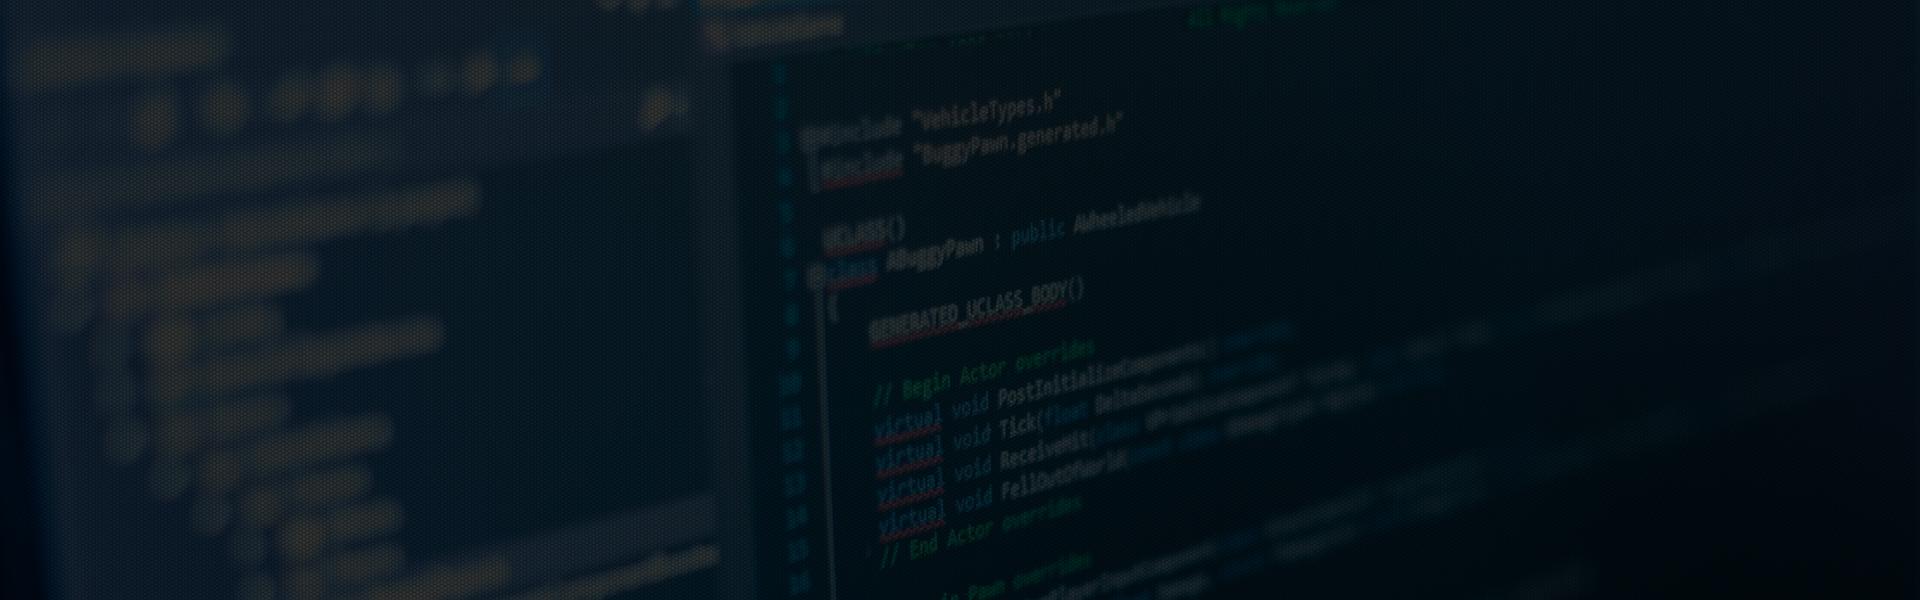 Criação de sites que geram resultados - Sonna - Agência Digital